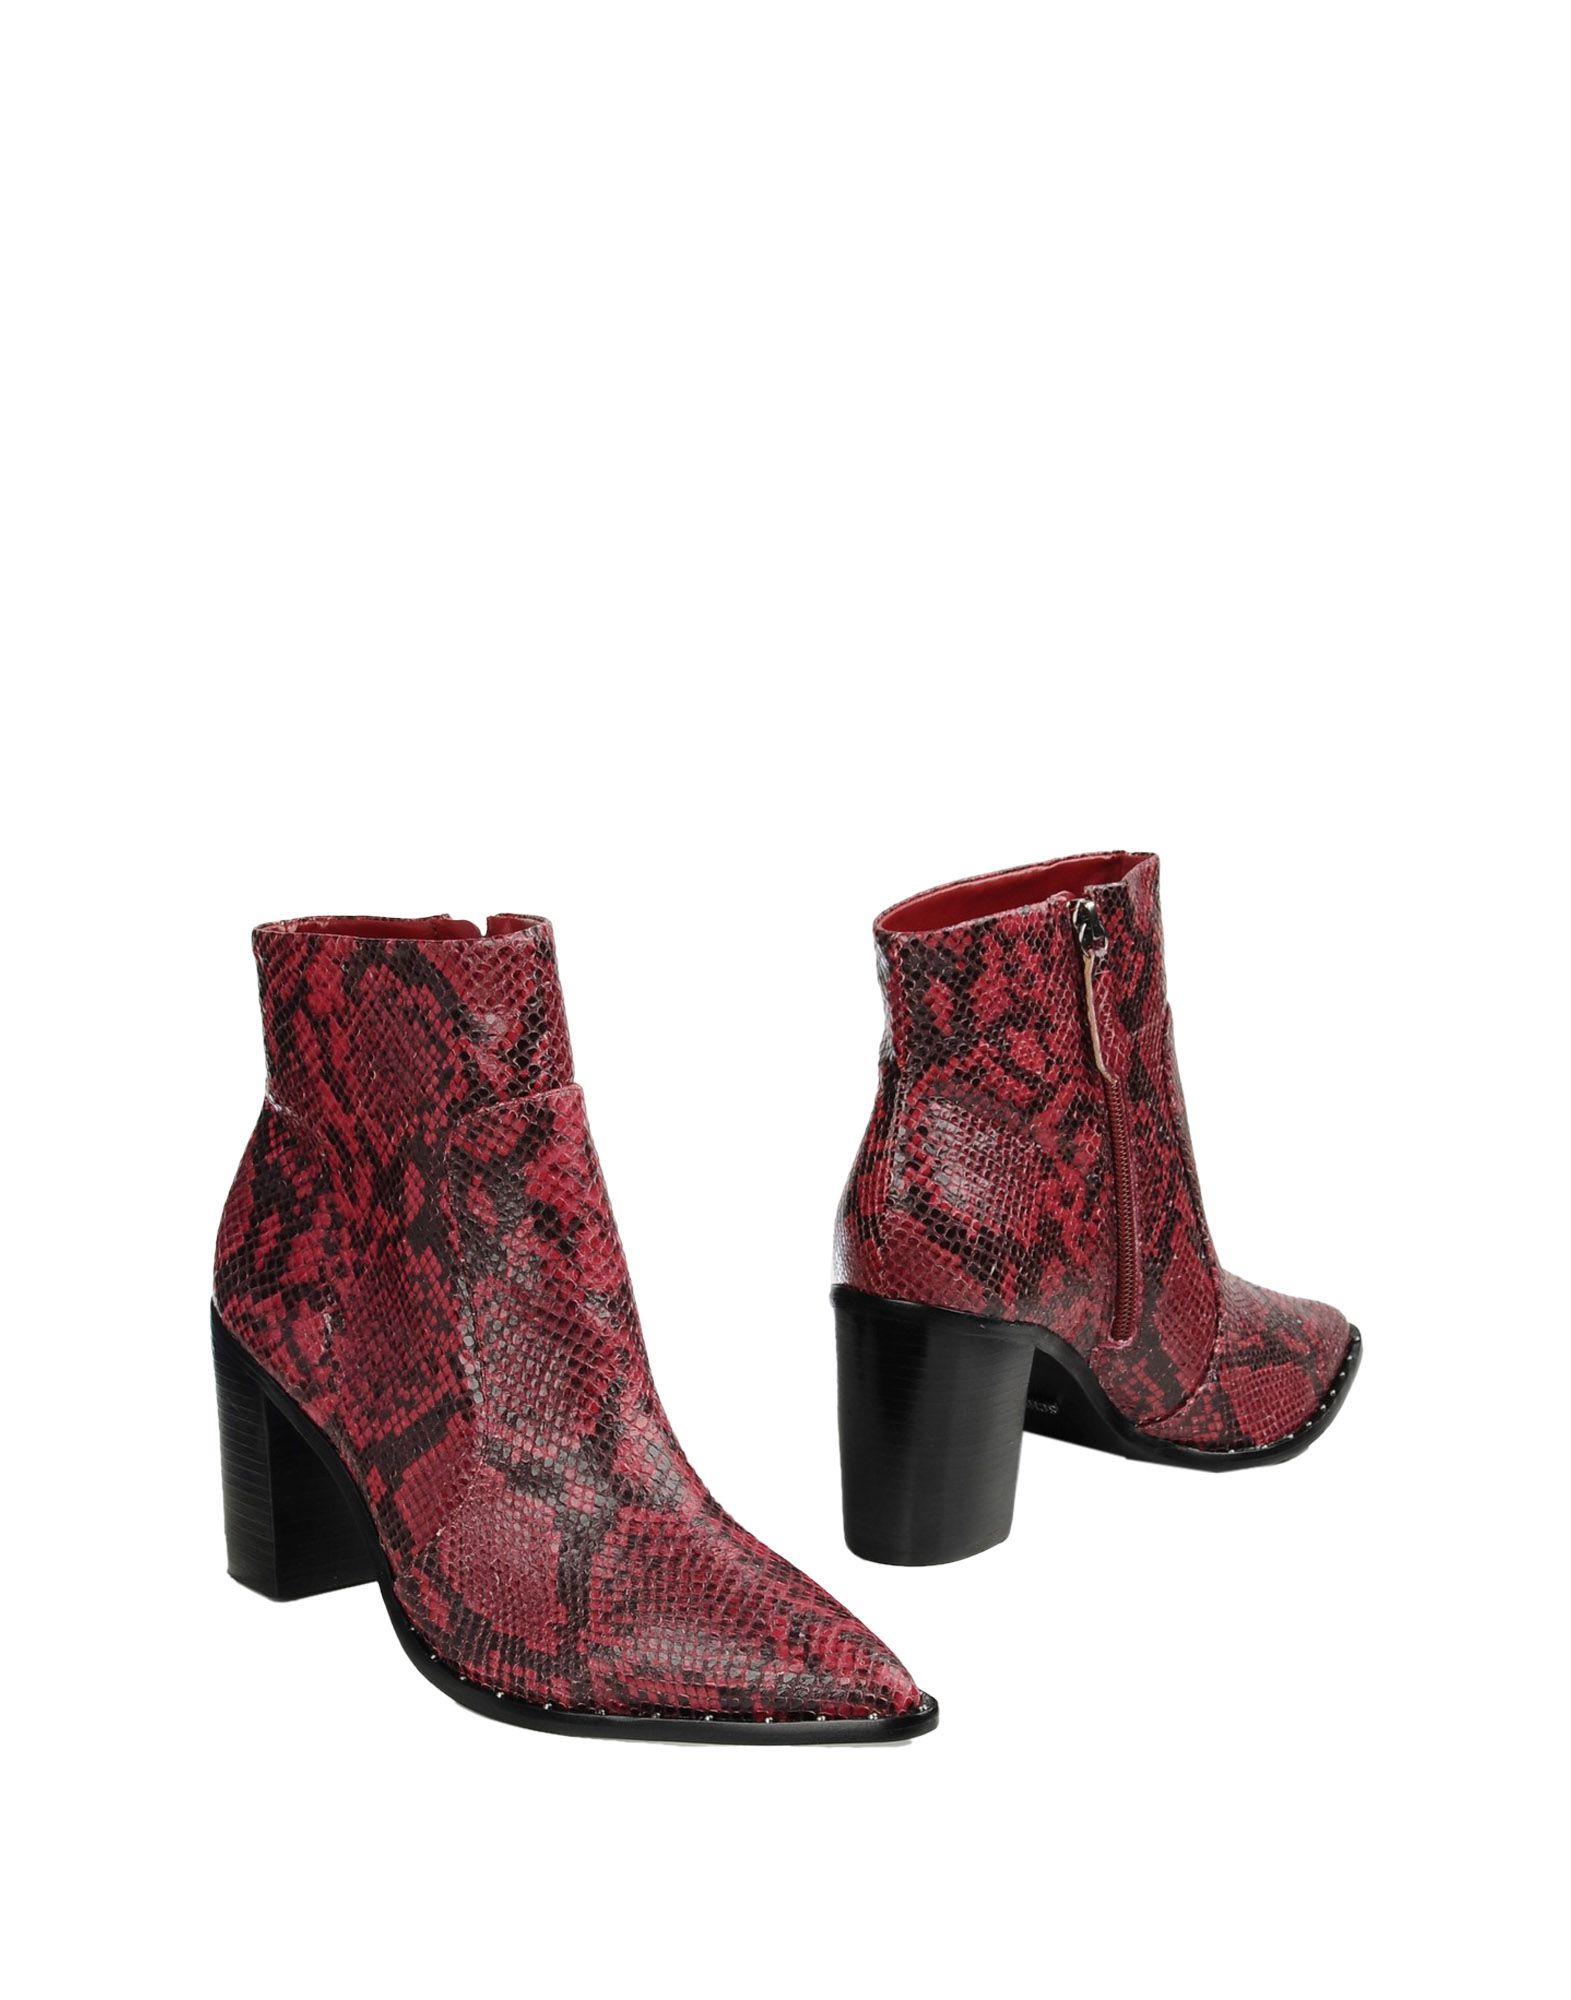 Rabatt Schuhe 11361464QK Schutz Stiefelette Damen  11361464QK Schuhe 08991a